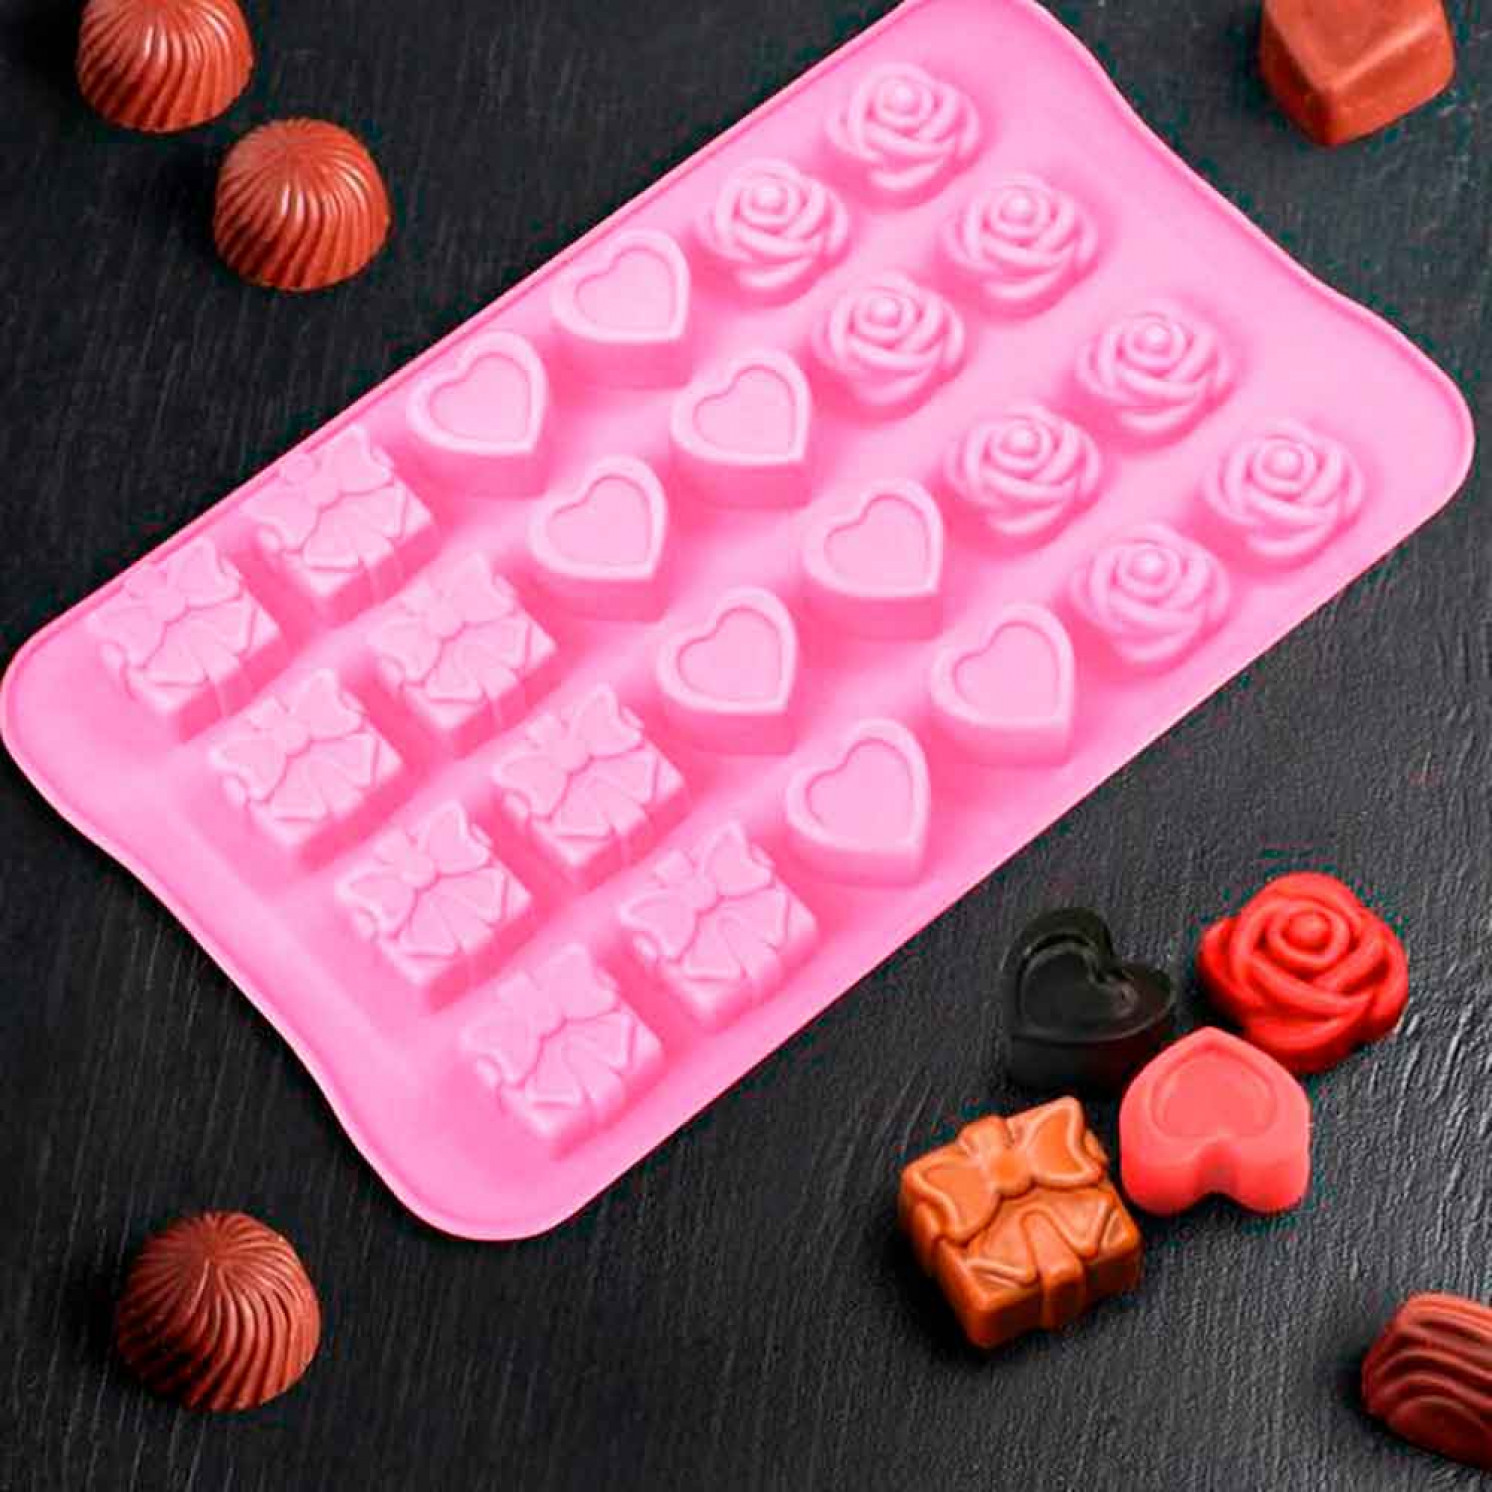 """Форма для льда и шоколада """"Подарок, сердце, роза"""", 24 ячейки (2,6×2,6×2 см), цвет МИКС"""